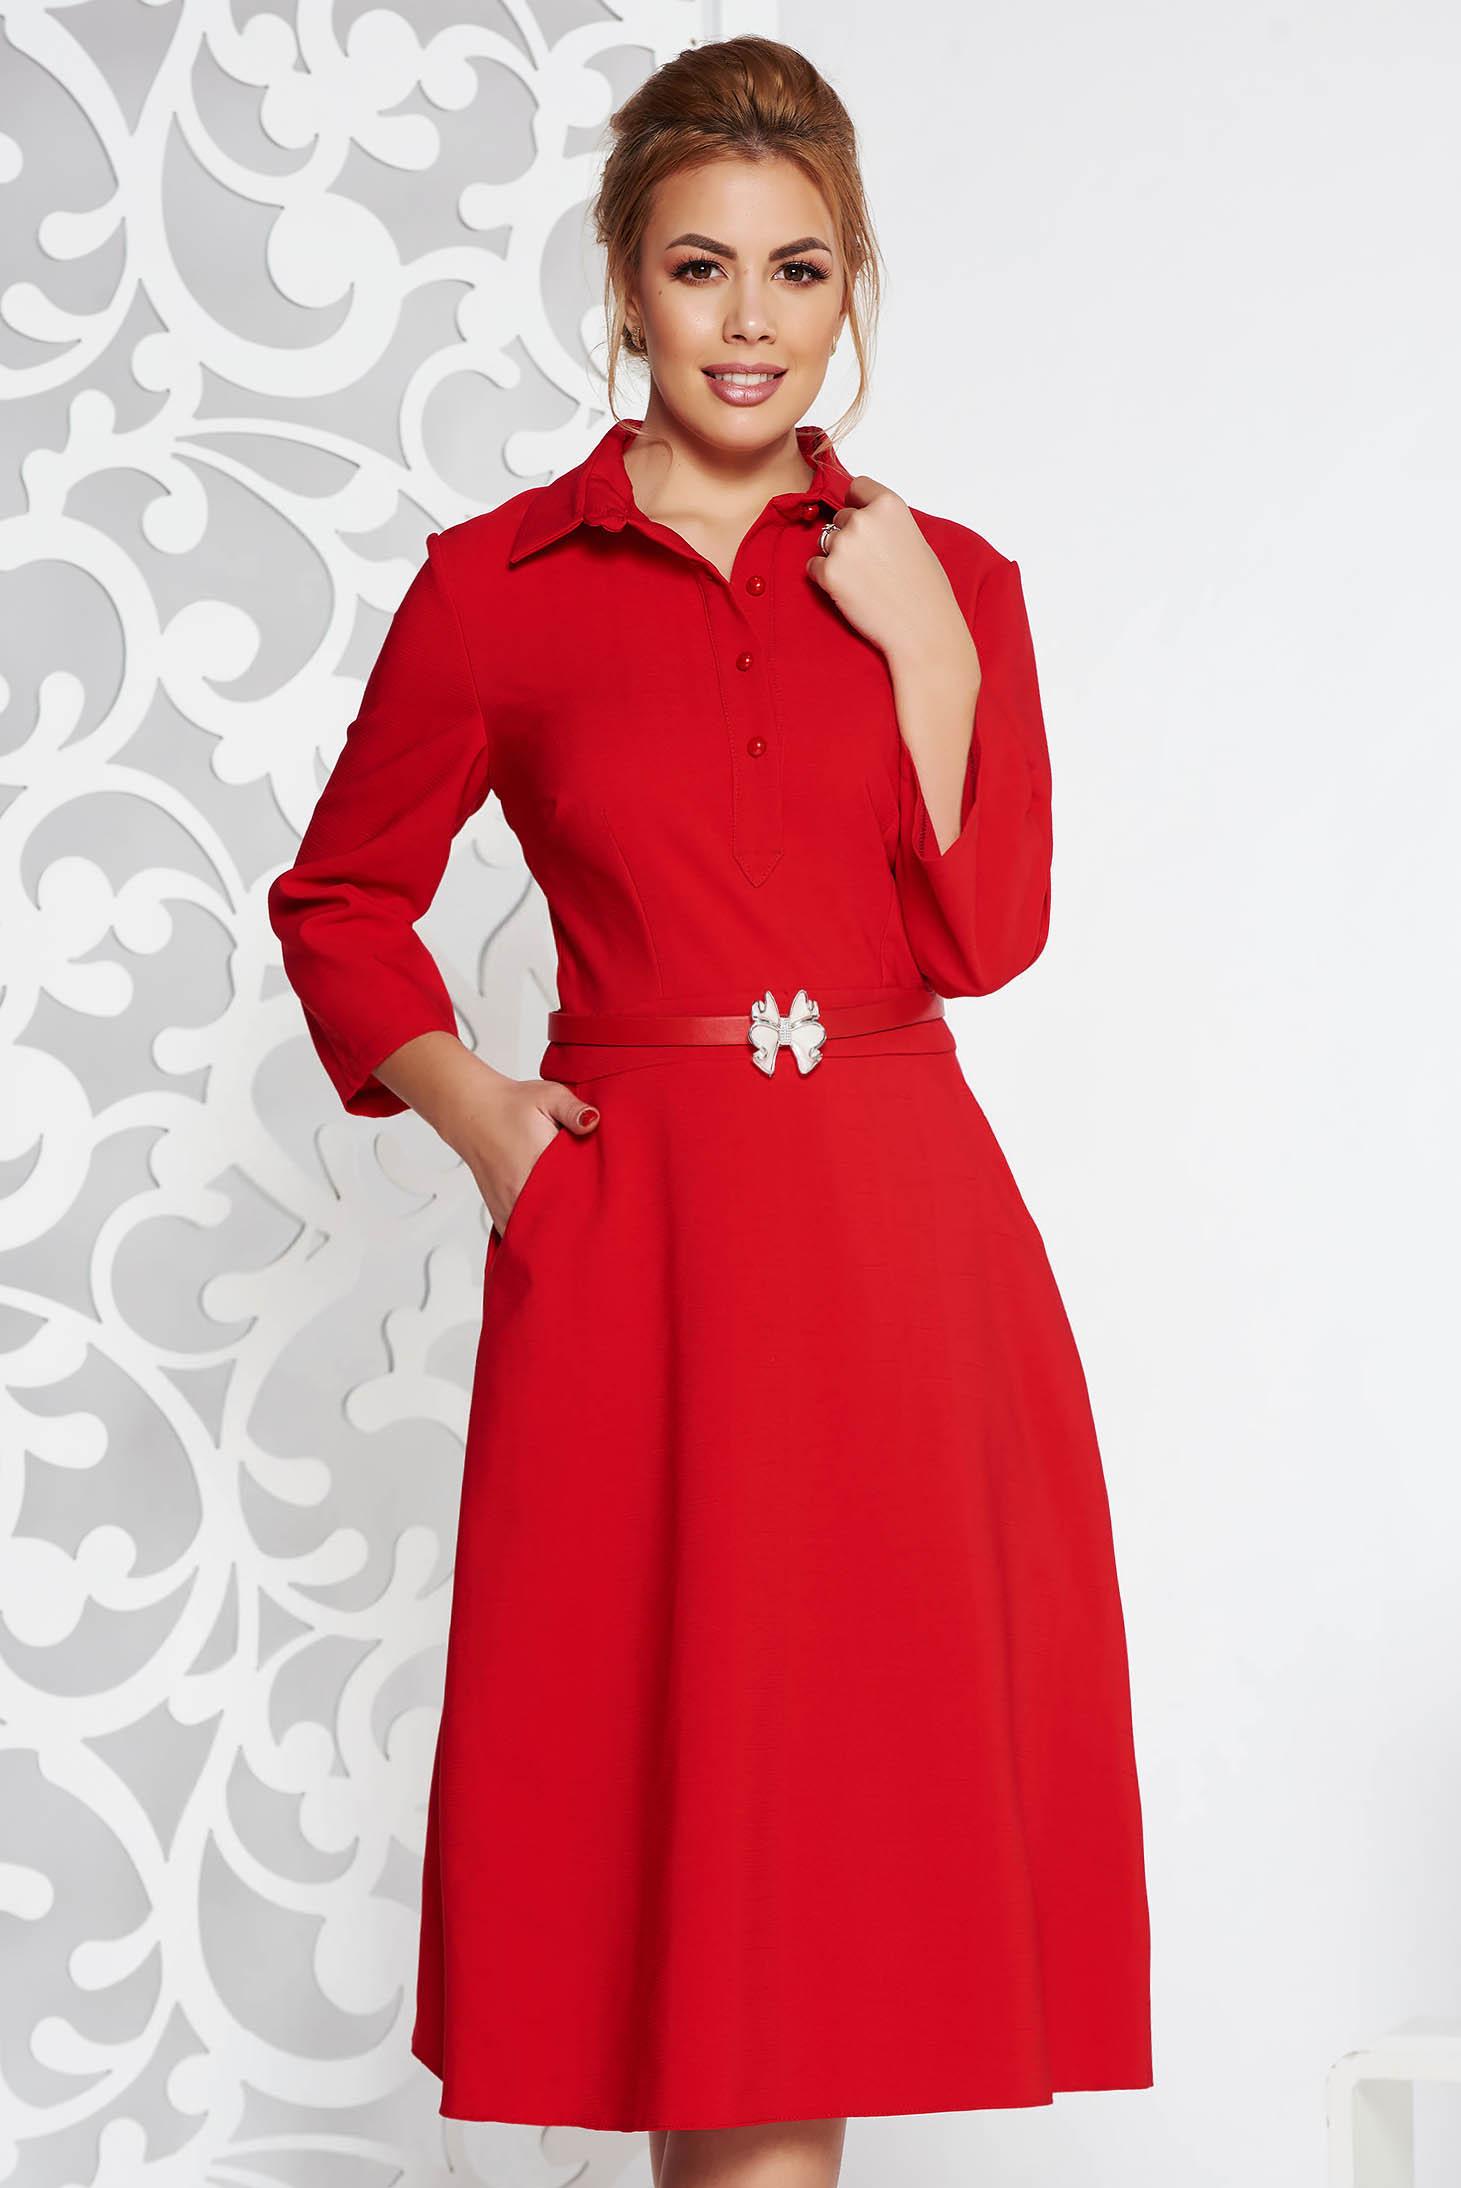 a43db0e88a Piros elegáns hétköznapi harang ruha enyhén rugalmas anyag öv típusú  kiegészítővel